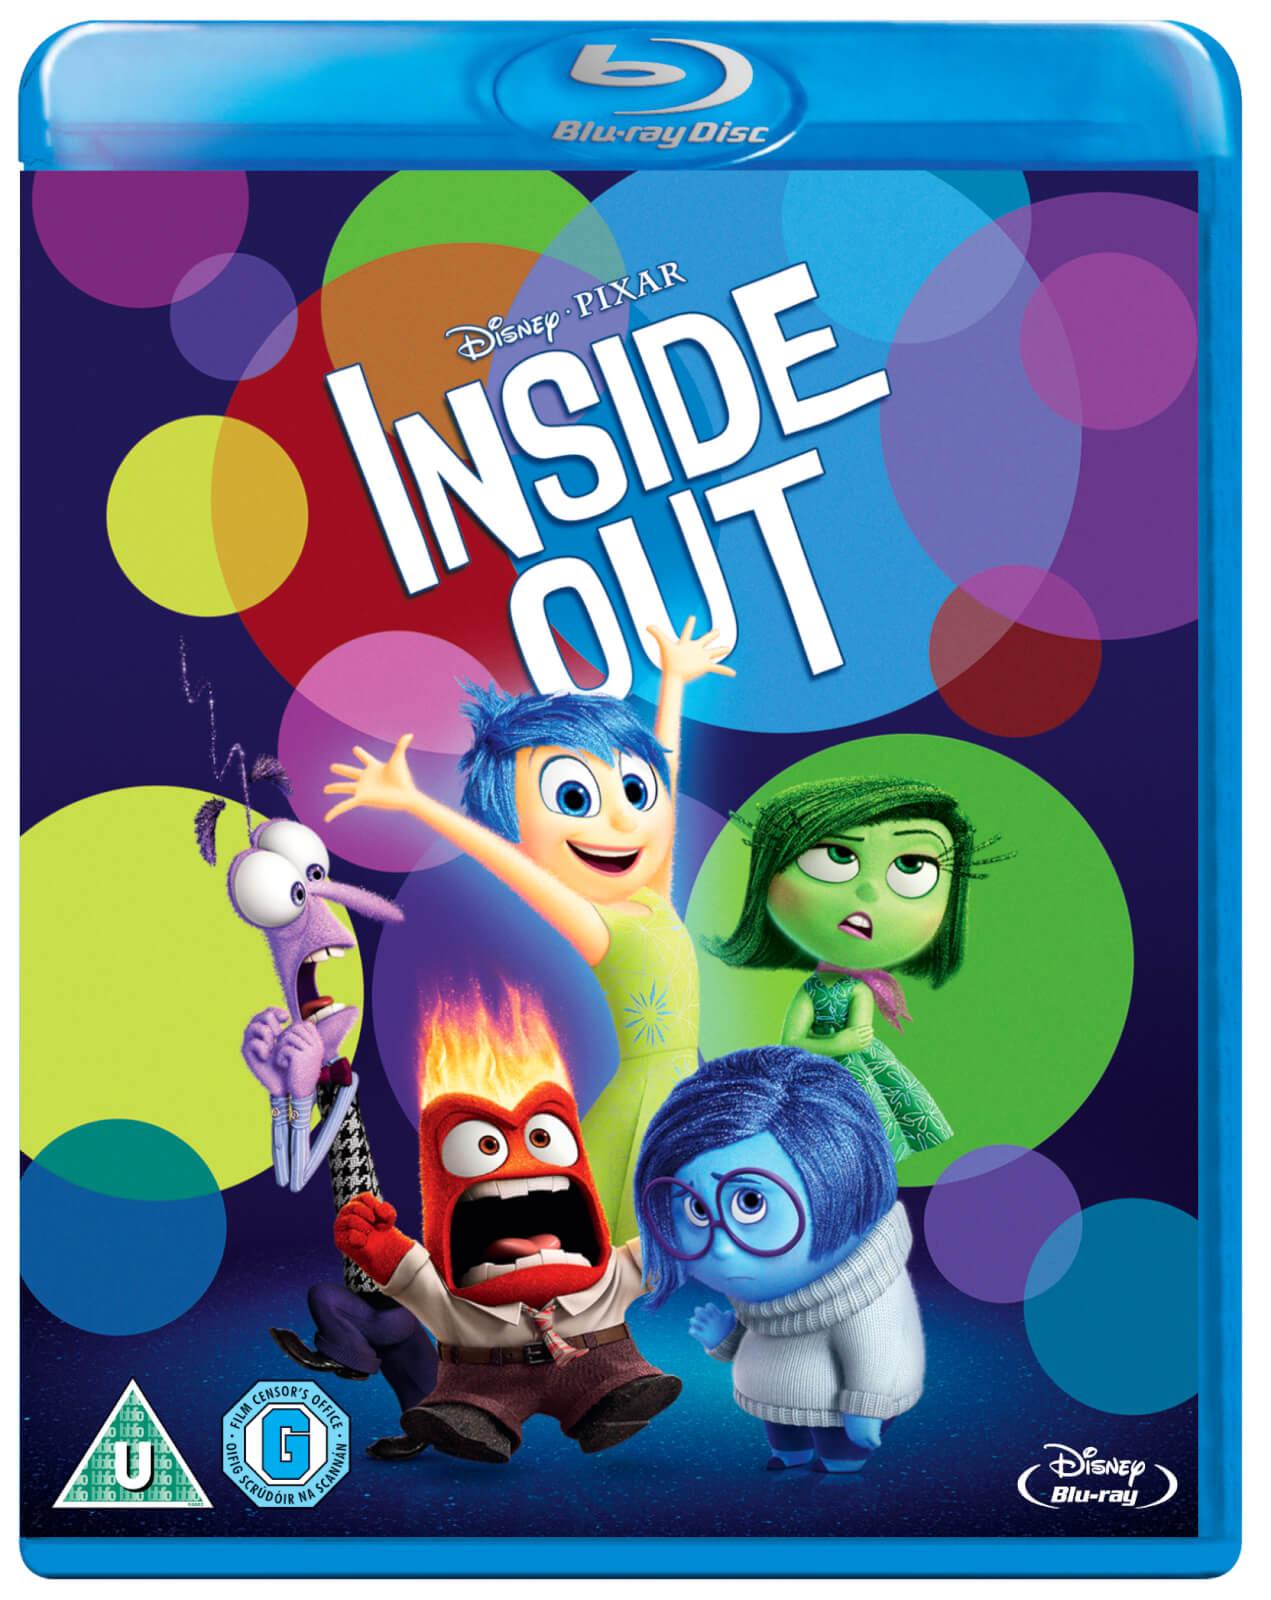 INSIDE OUT (Disney Pixar) Movie Blu-Ray + Exclusive Joy Slipcover £3.79 @ Amazon Prime (+£1.99 non Prime)